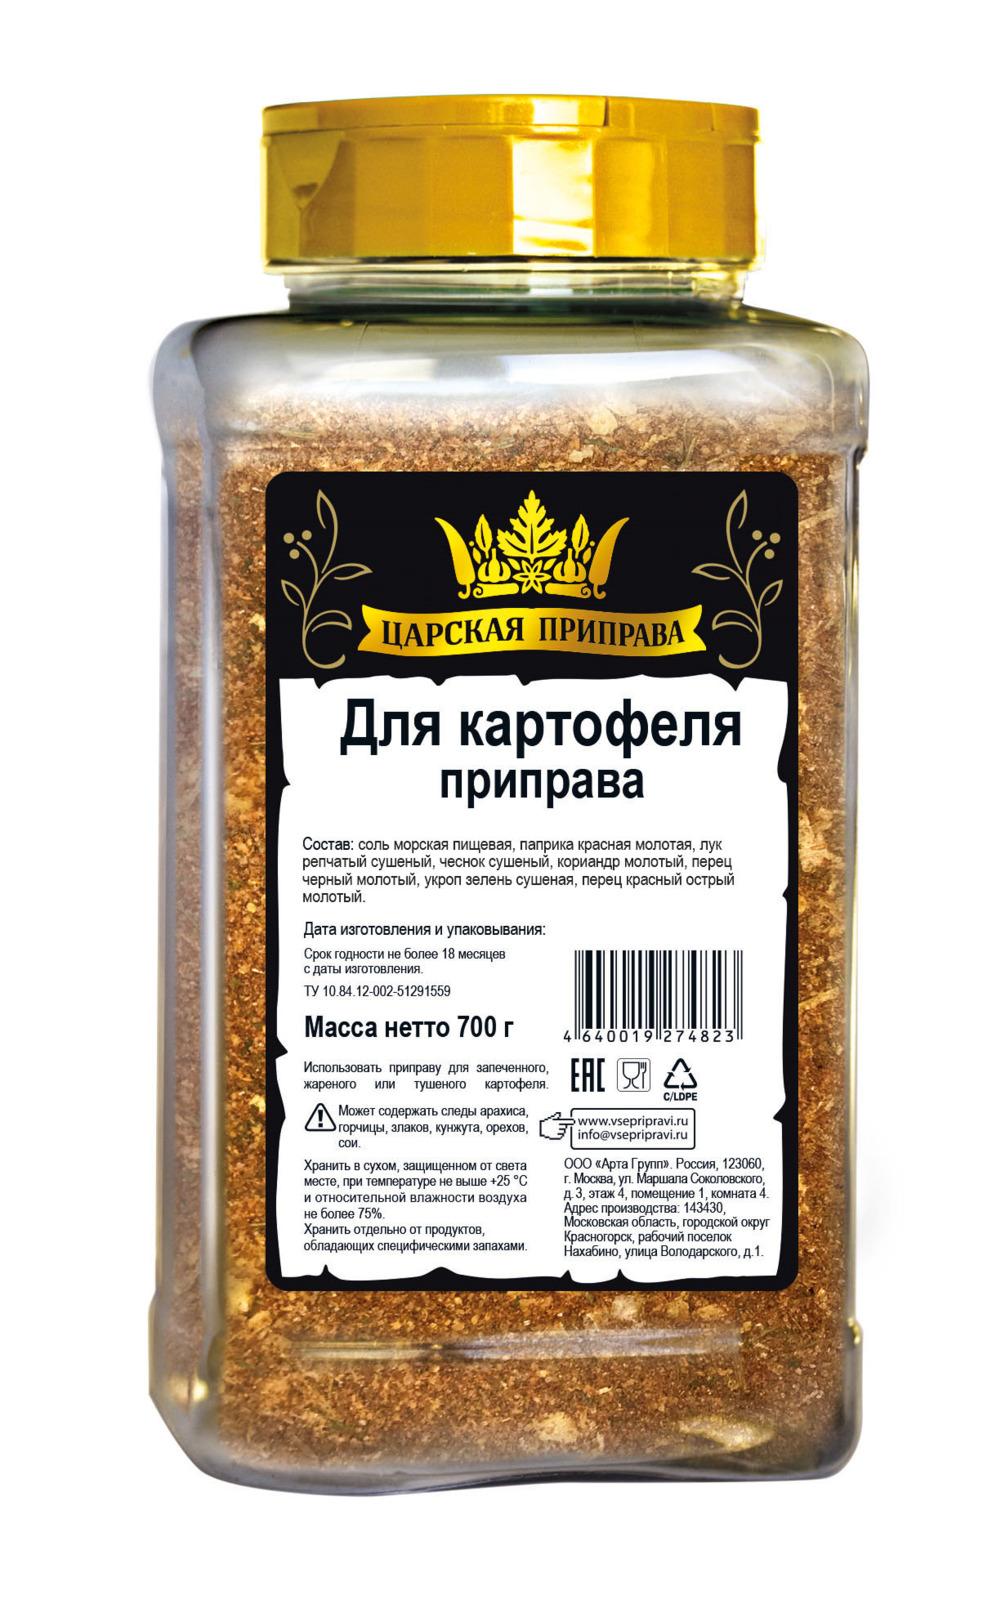 Приправа Царская приправа Для картофеля, 700 г just greece приправа смесь эгейская 150 г